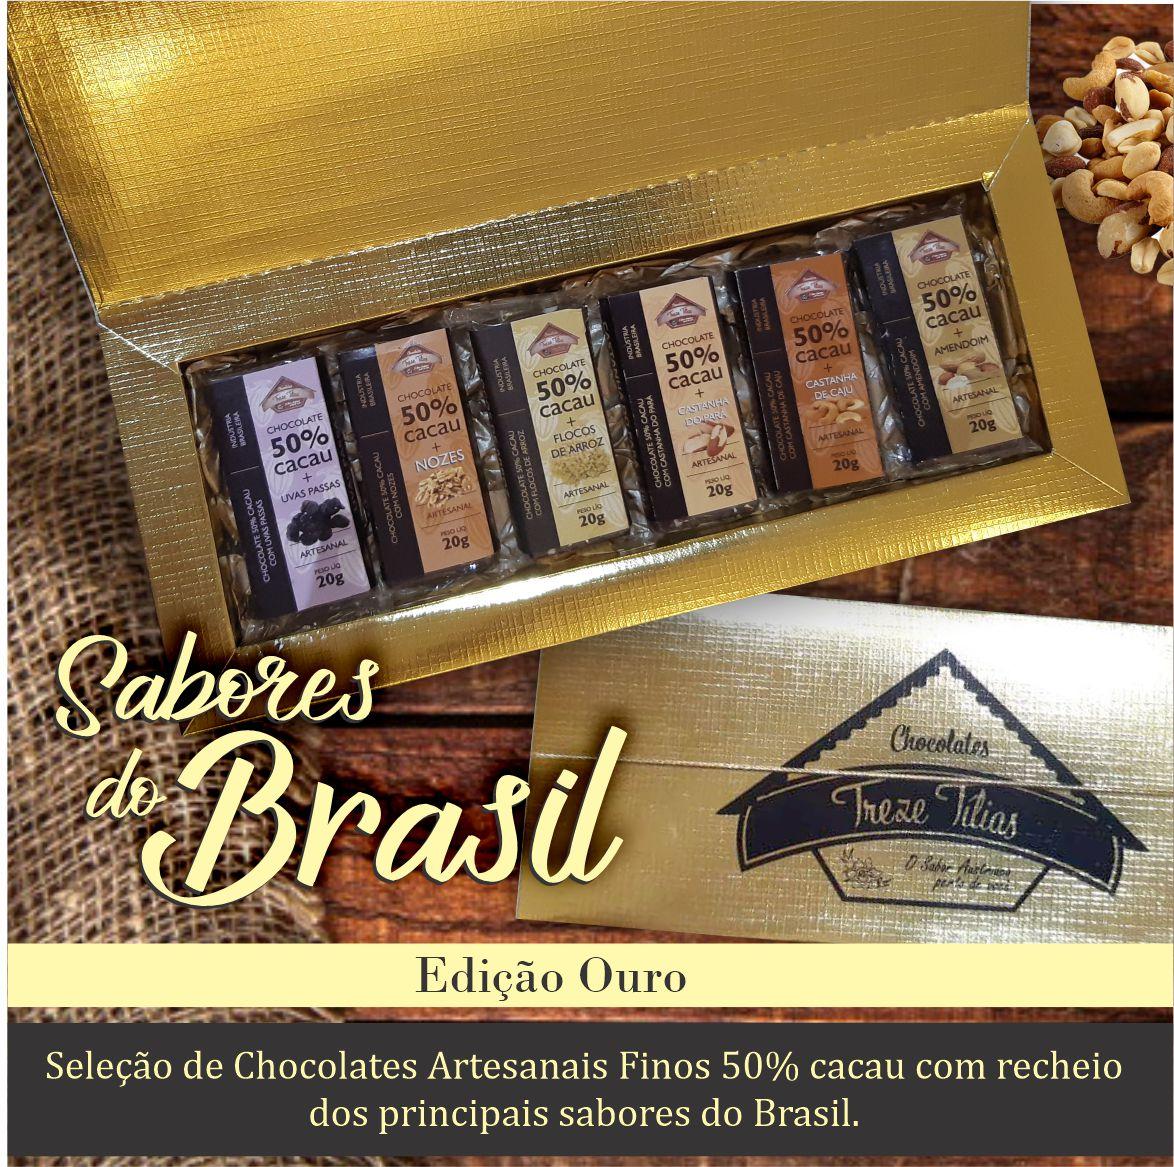 Seleção 50% cacau - Sabores do Brasil - Edição Ouro